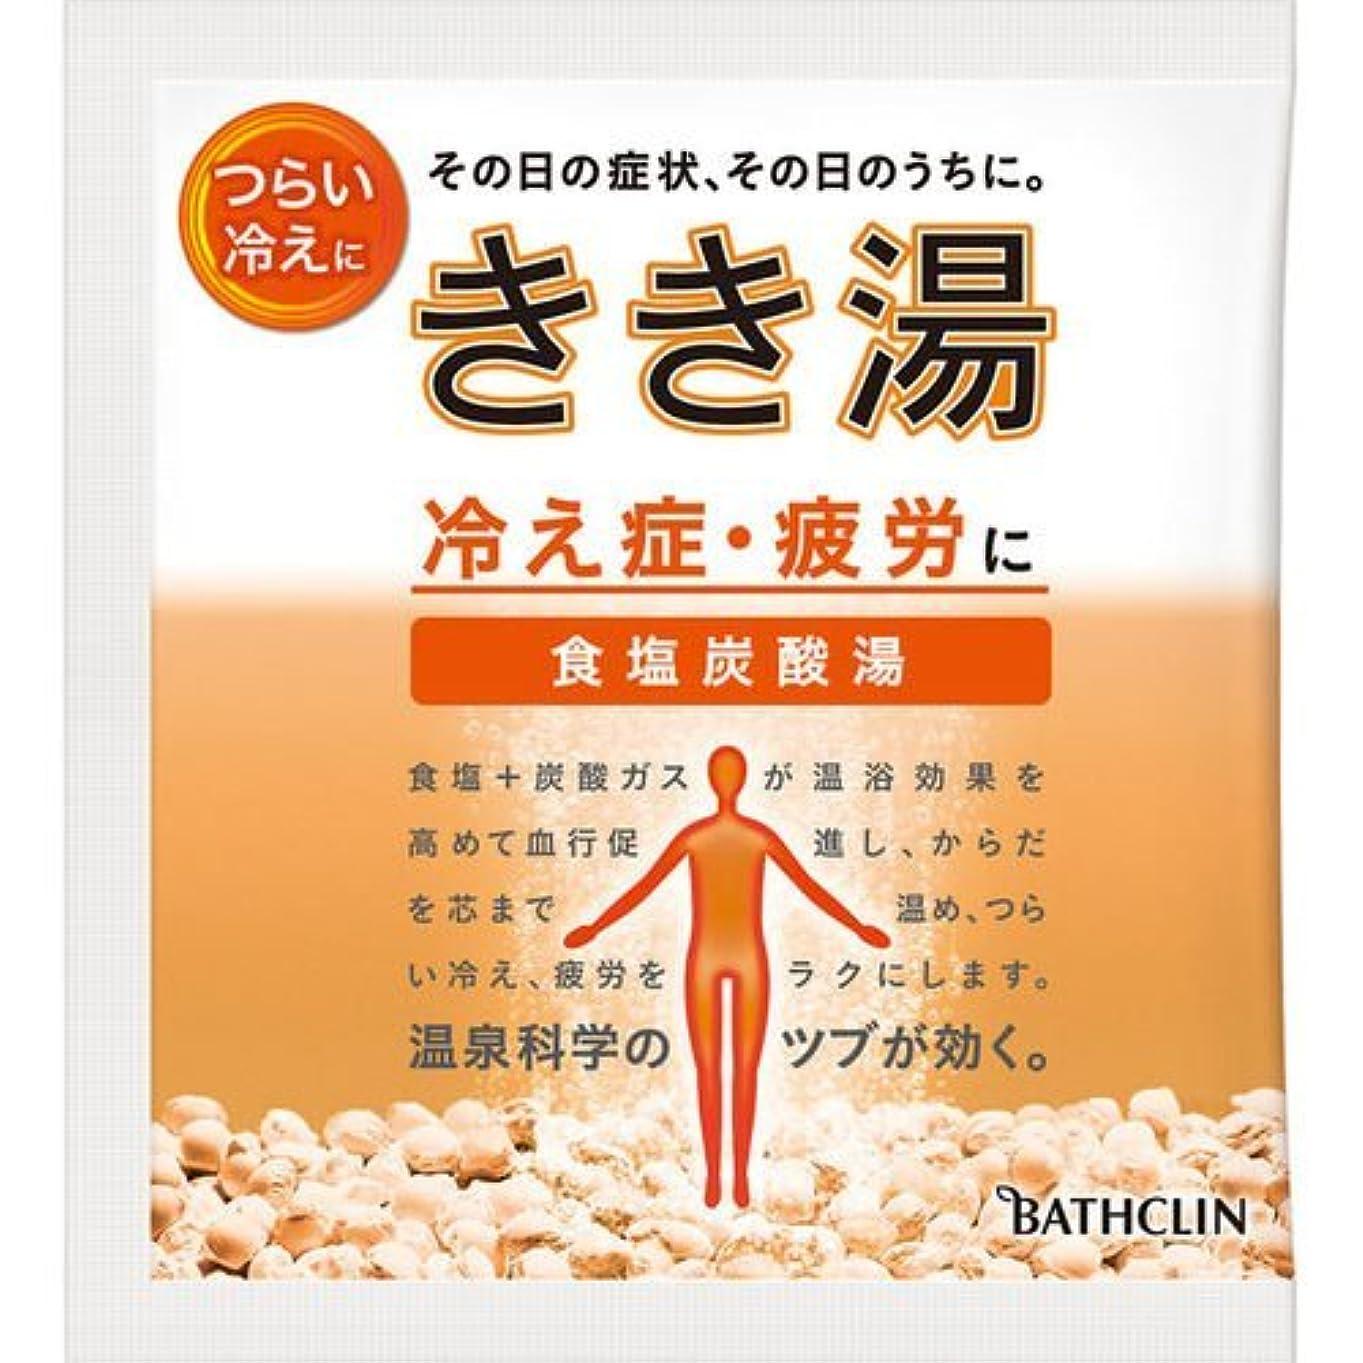 バリケード知覚する蛾きき湯 食塩炭酸湯 30g 分包[医薬部外品]